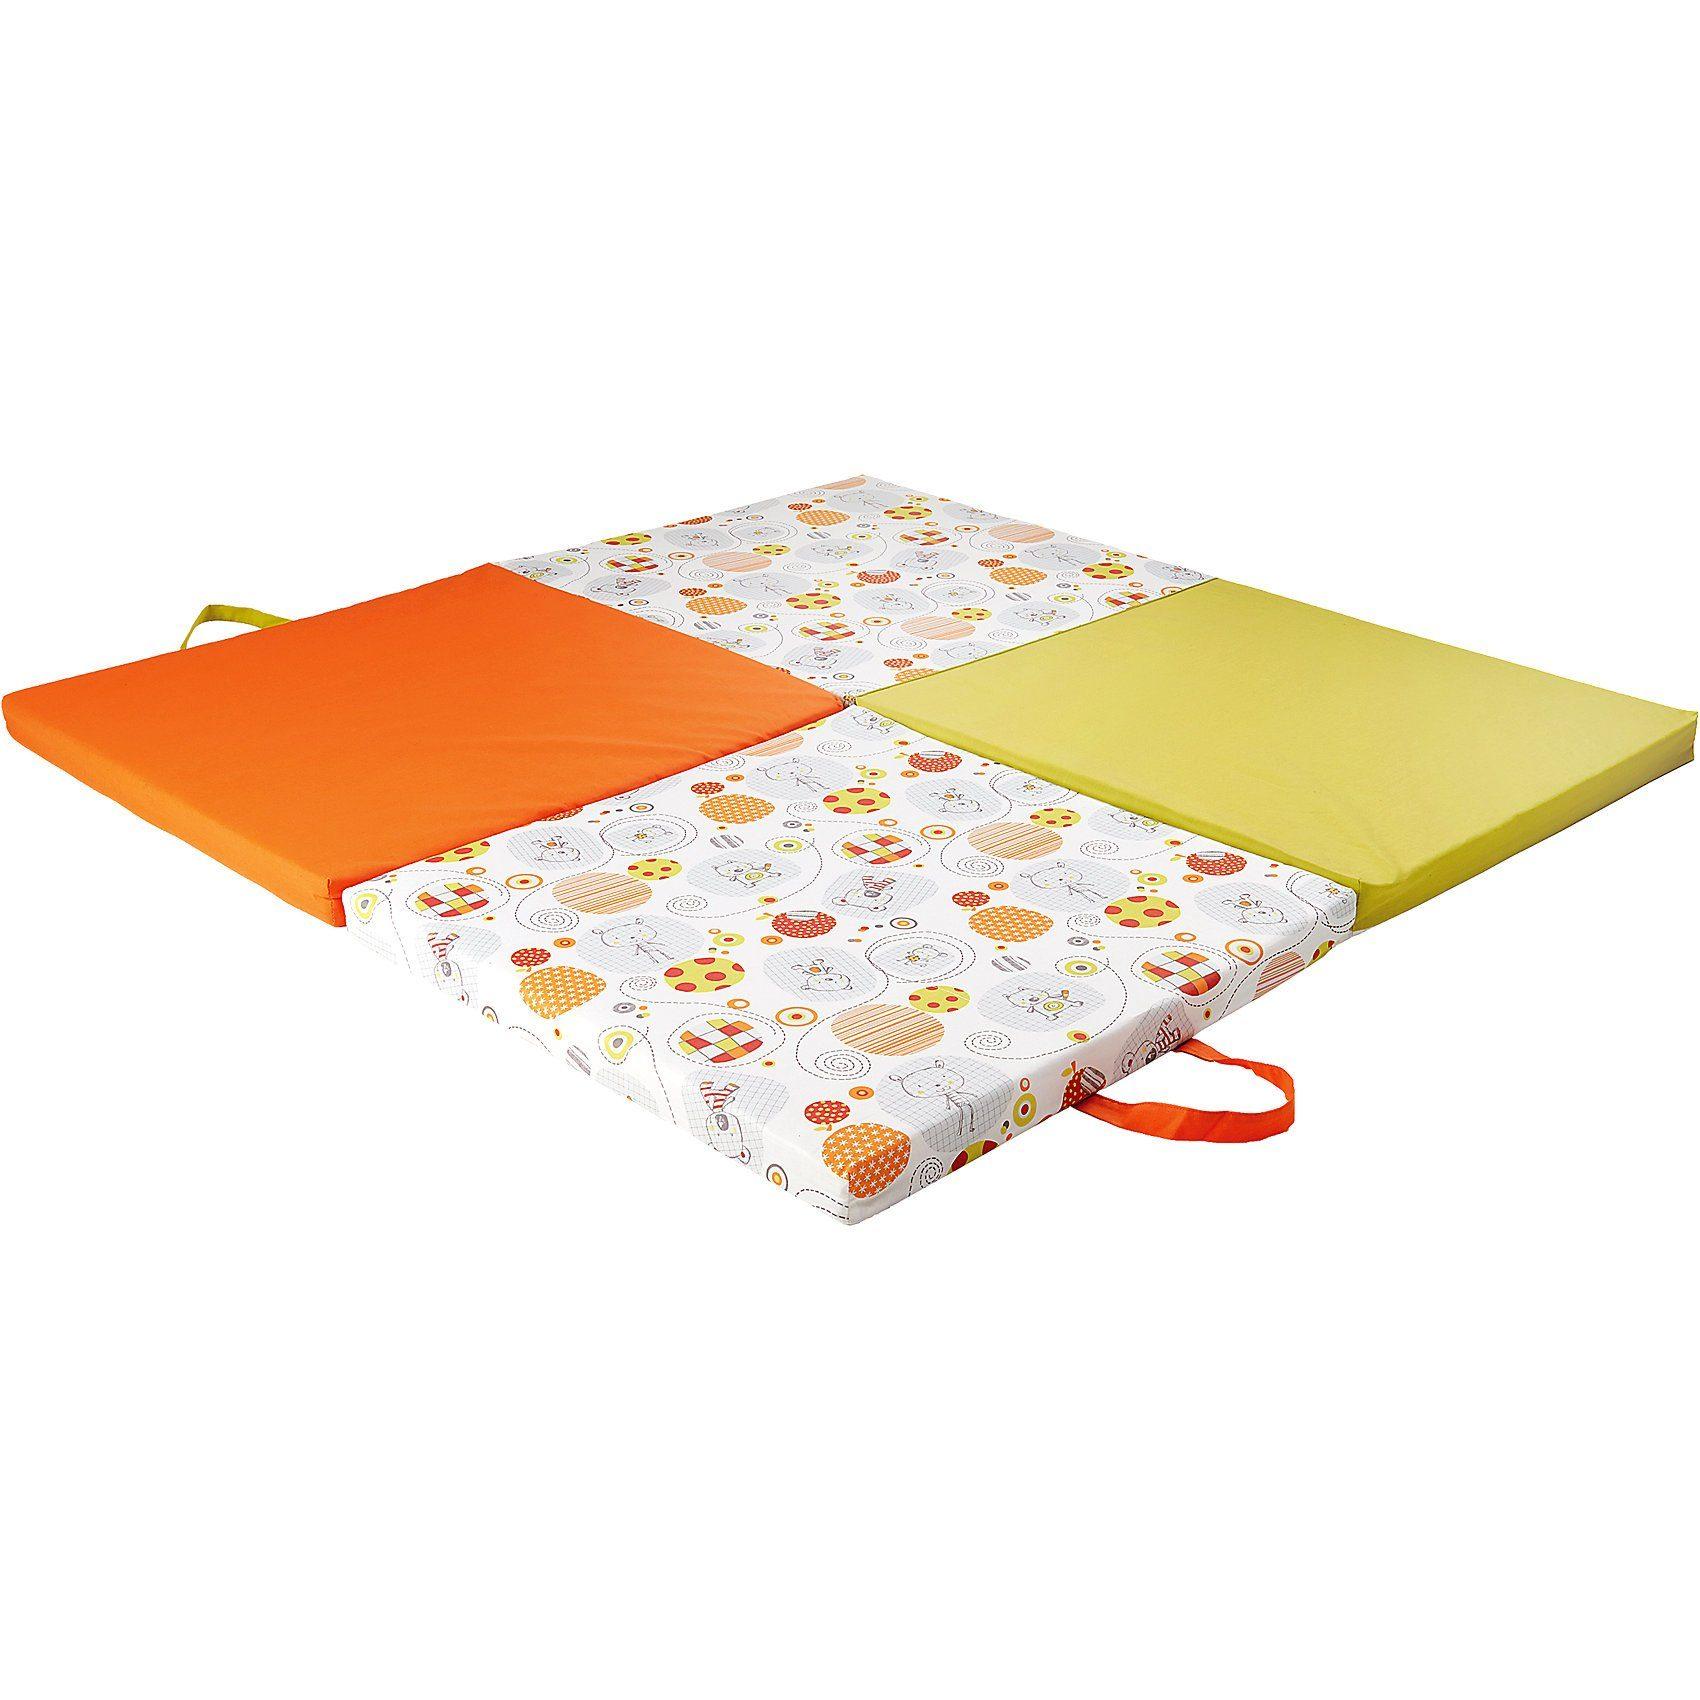 candide Spiel- und Reisematratze mit Tragetasche, orange/grün